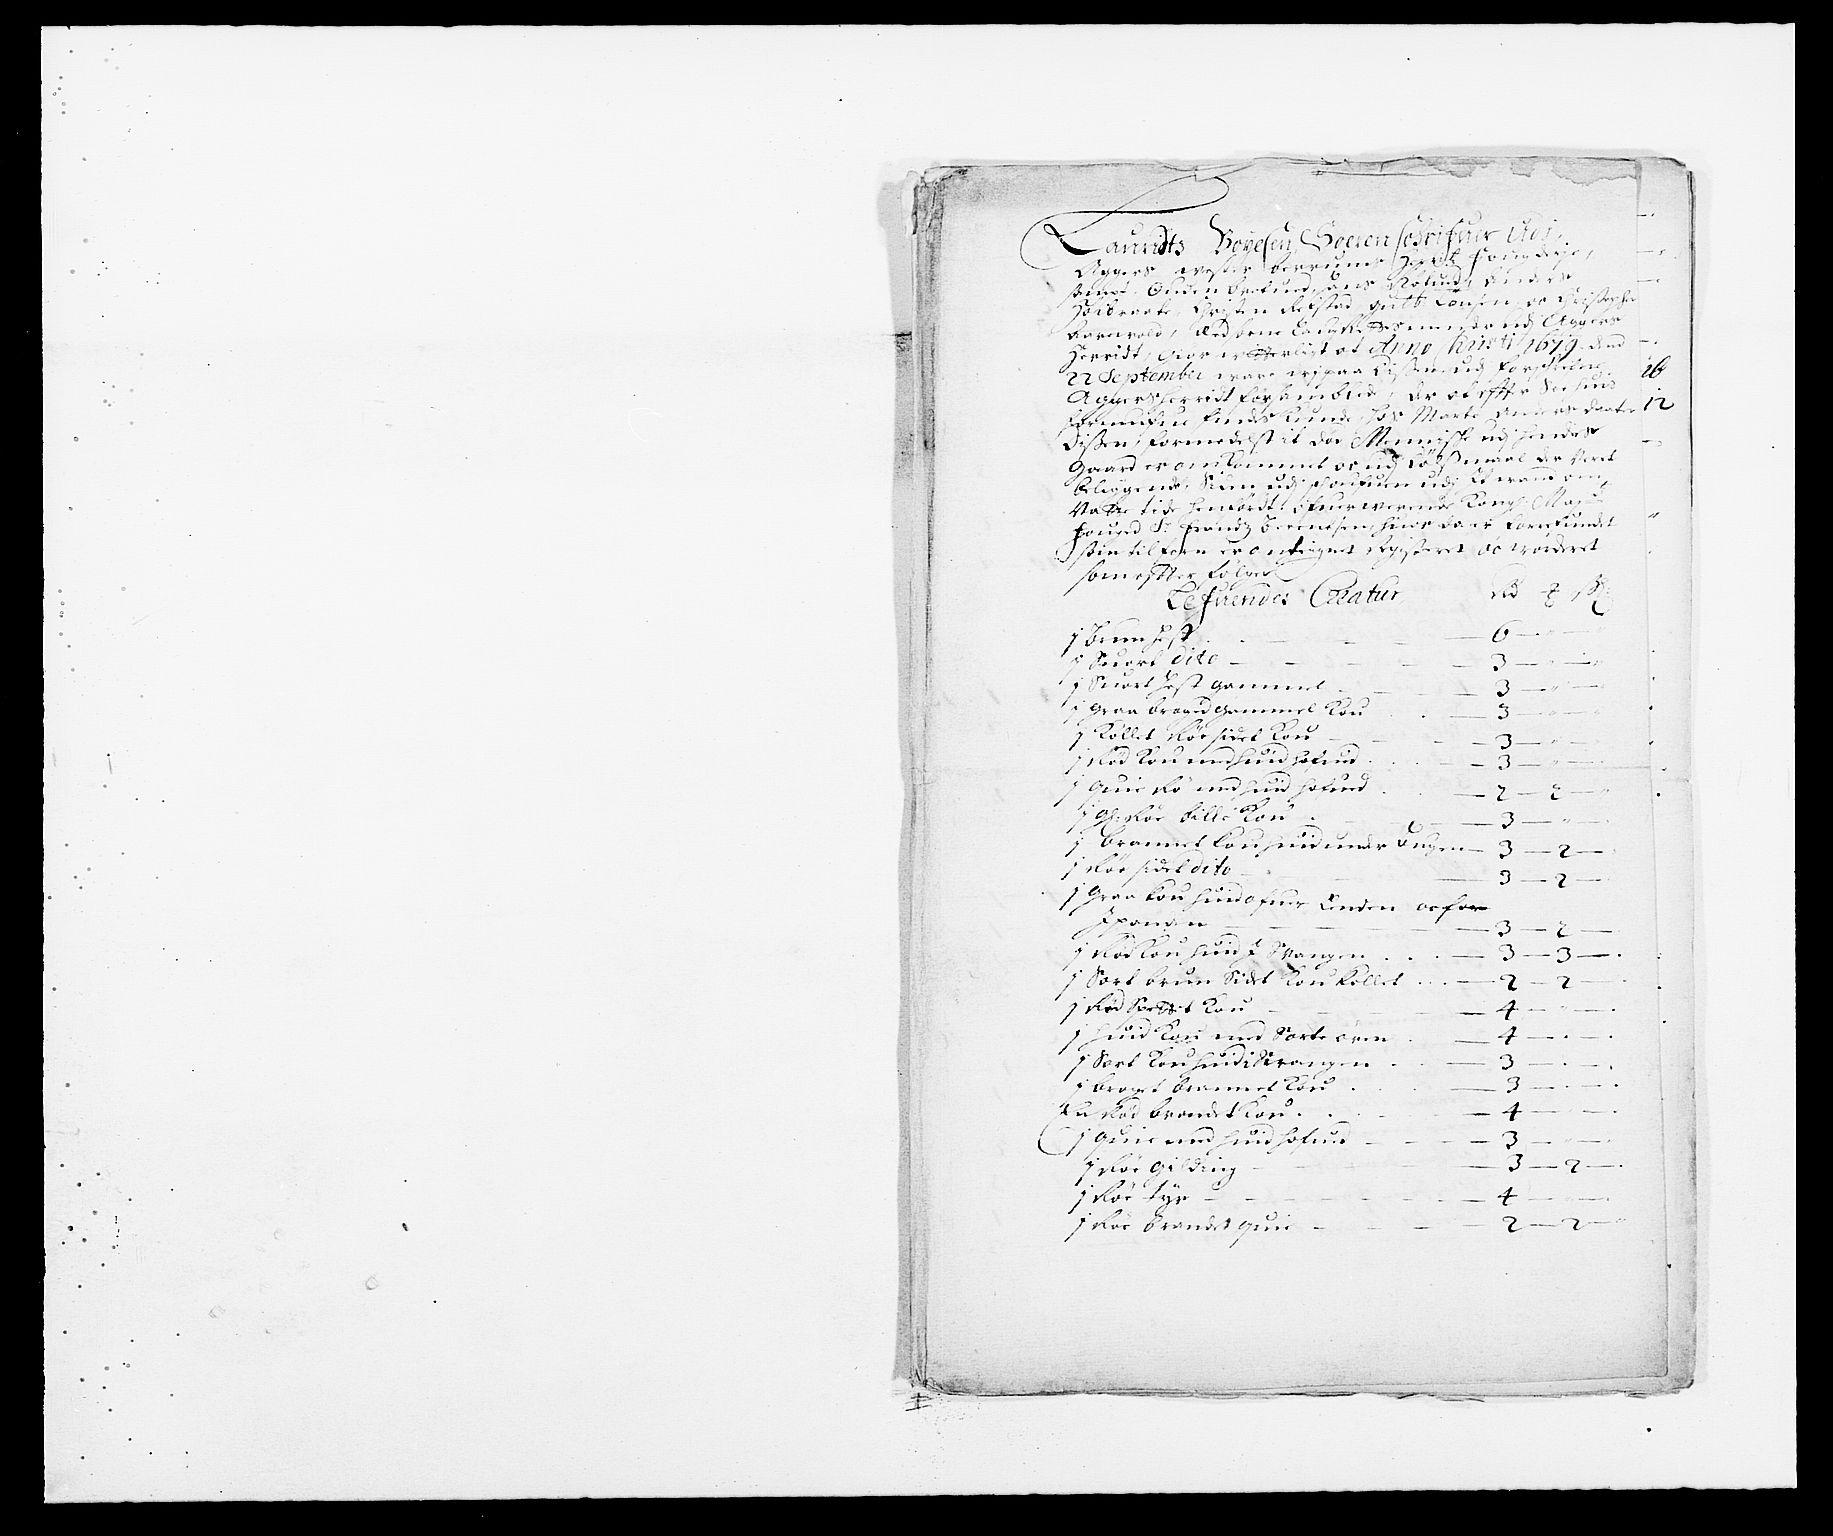 RA, Rentekammeret inntil 1814, Reviderte regnskaper, Fogderegnskap, R08/L0416: Fogderegnskap Aker, 1678-1681, s. 381